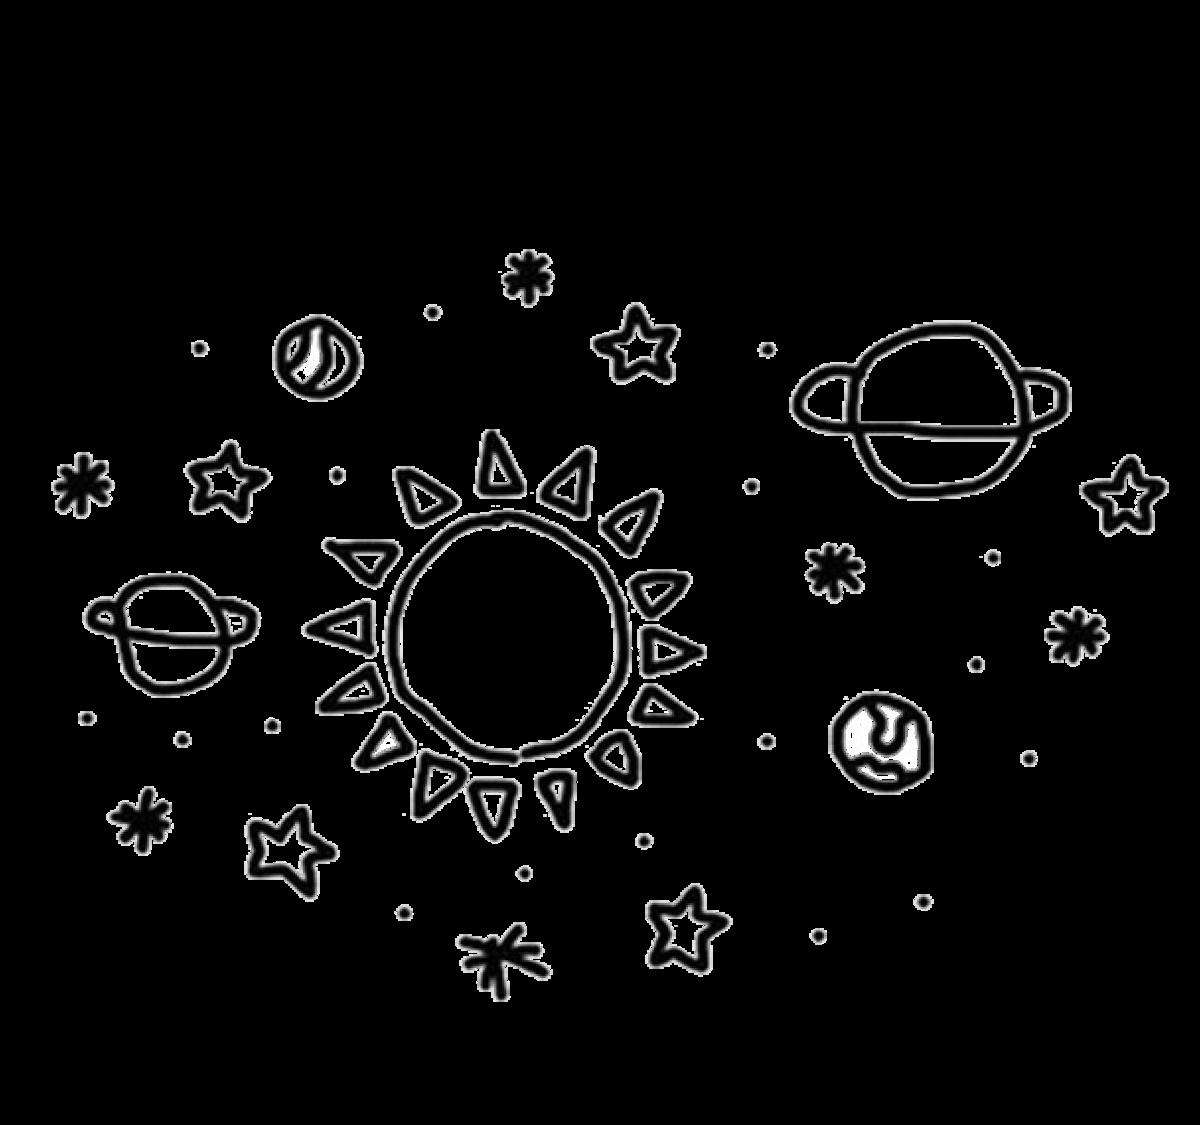 star space drawings - 600×600